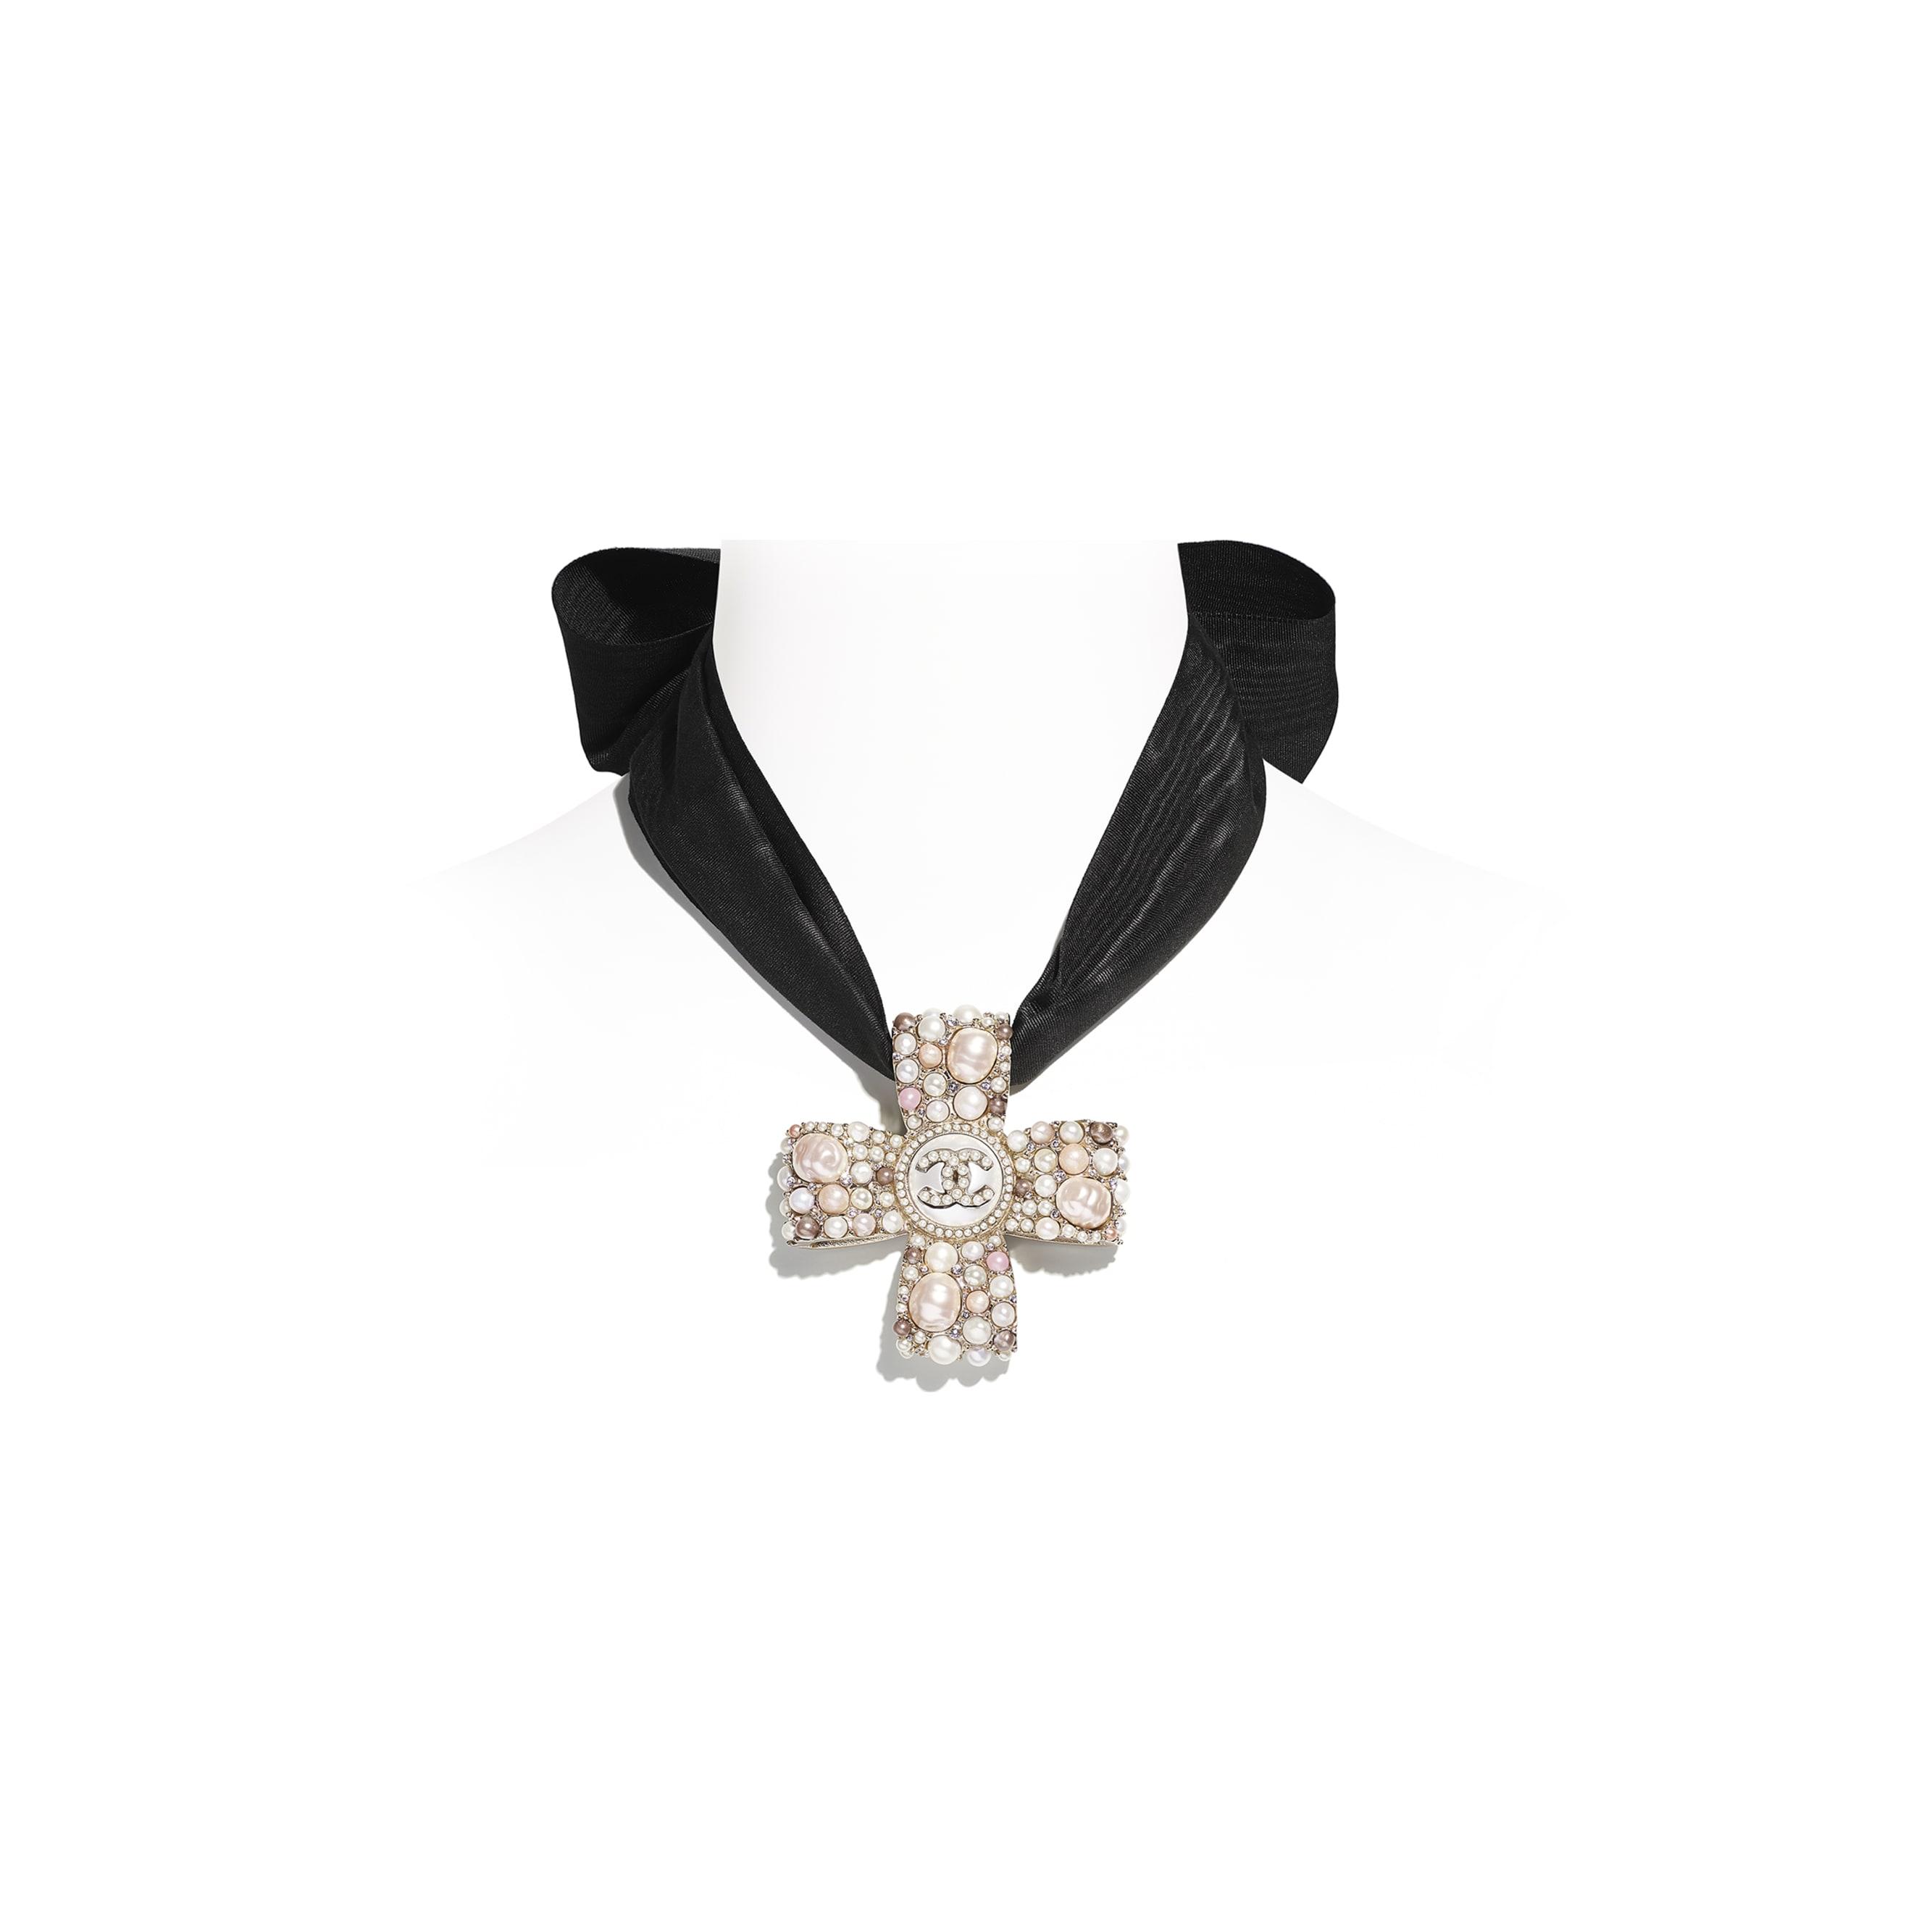 Halskette - Goldfarben, Perlmuttweiß, Rosa, Kristall & Schwarz - Metall, Süßwasserzuchtperlen, Glasperlen, Modeschmuckperlen, Strass & Seide - CHANEL - Standardansicht - Standardgröße anzeigen